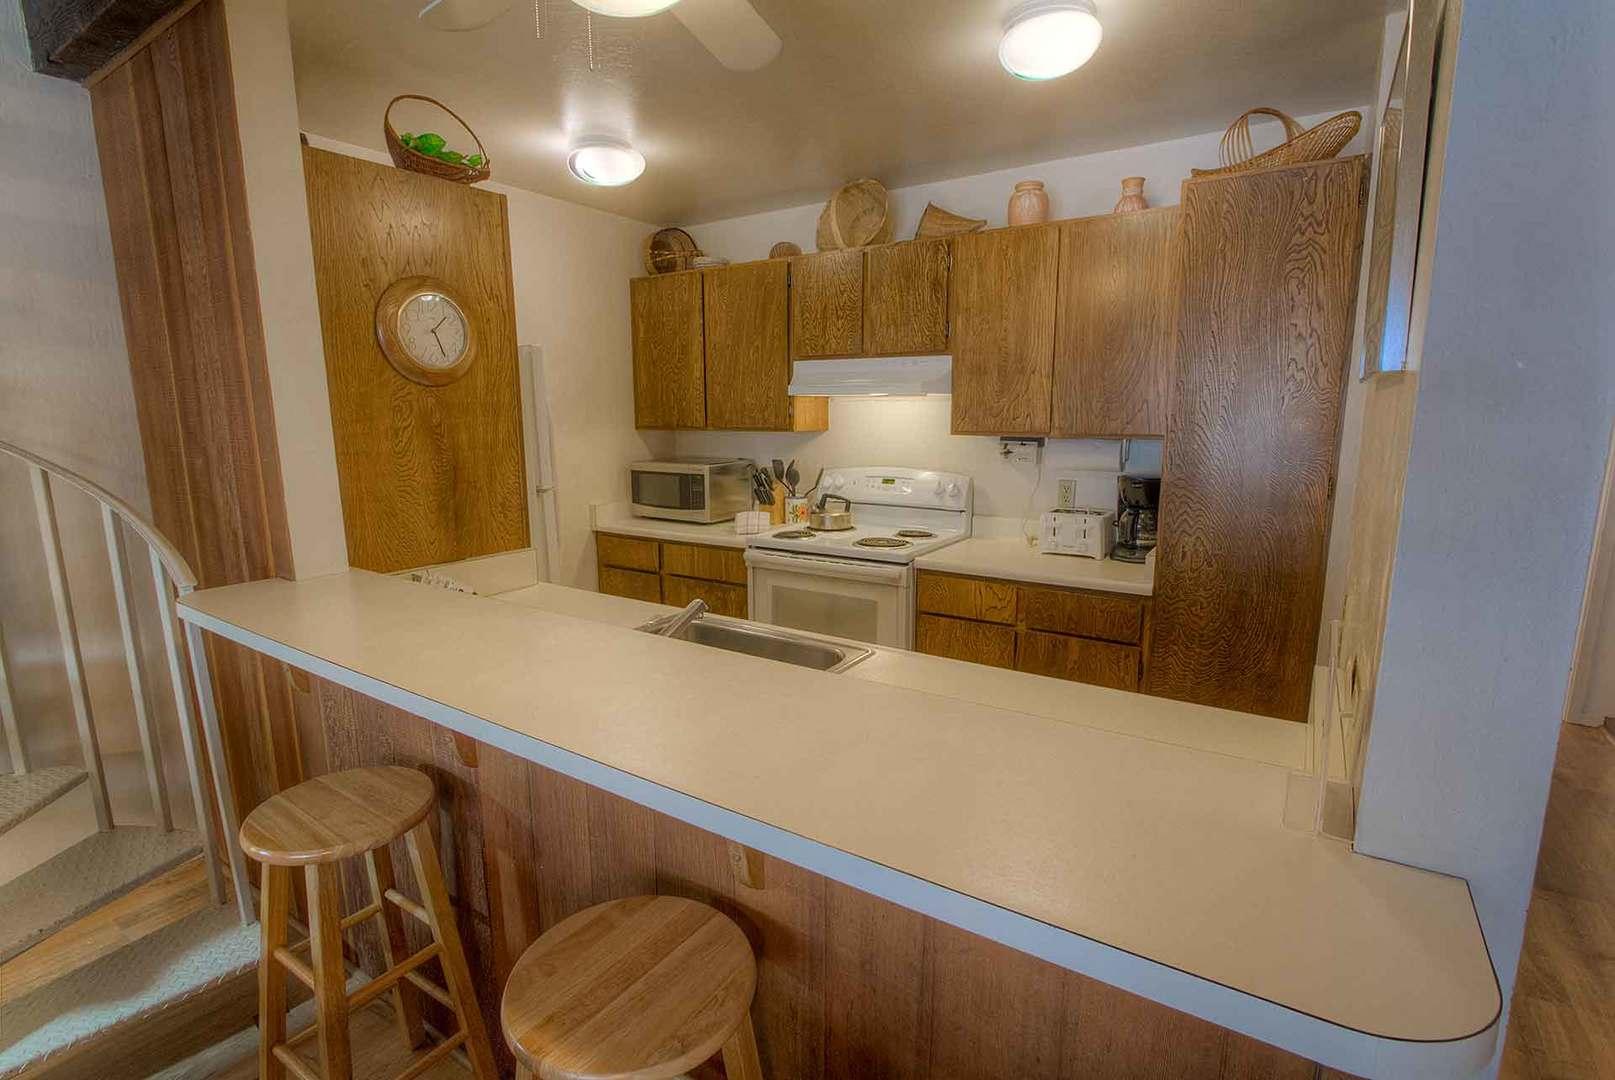 kwc1030 kitchen